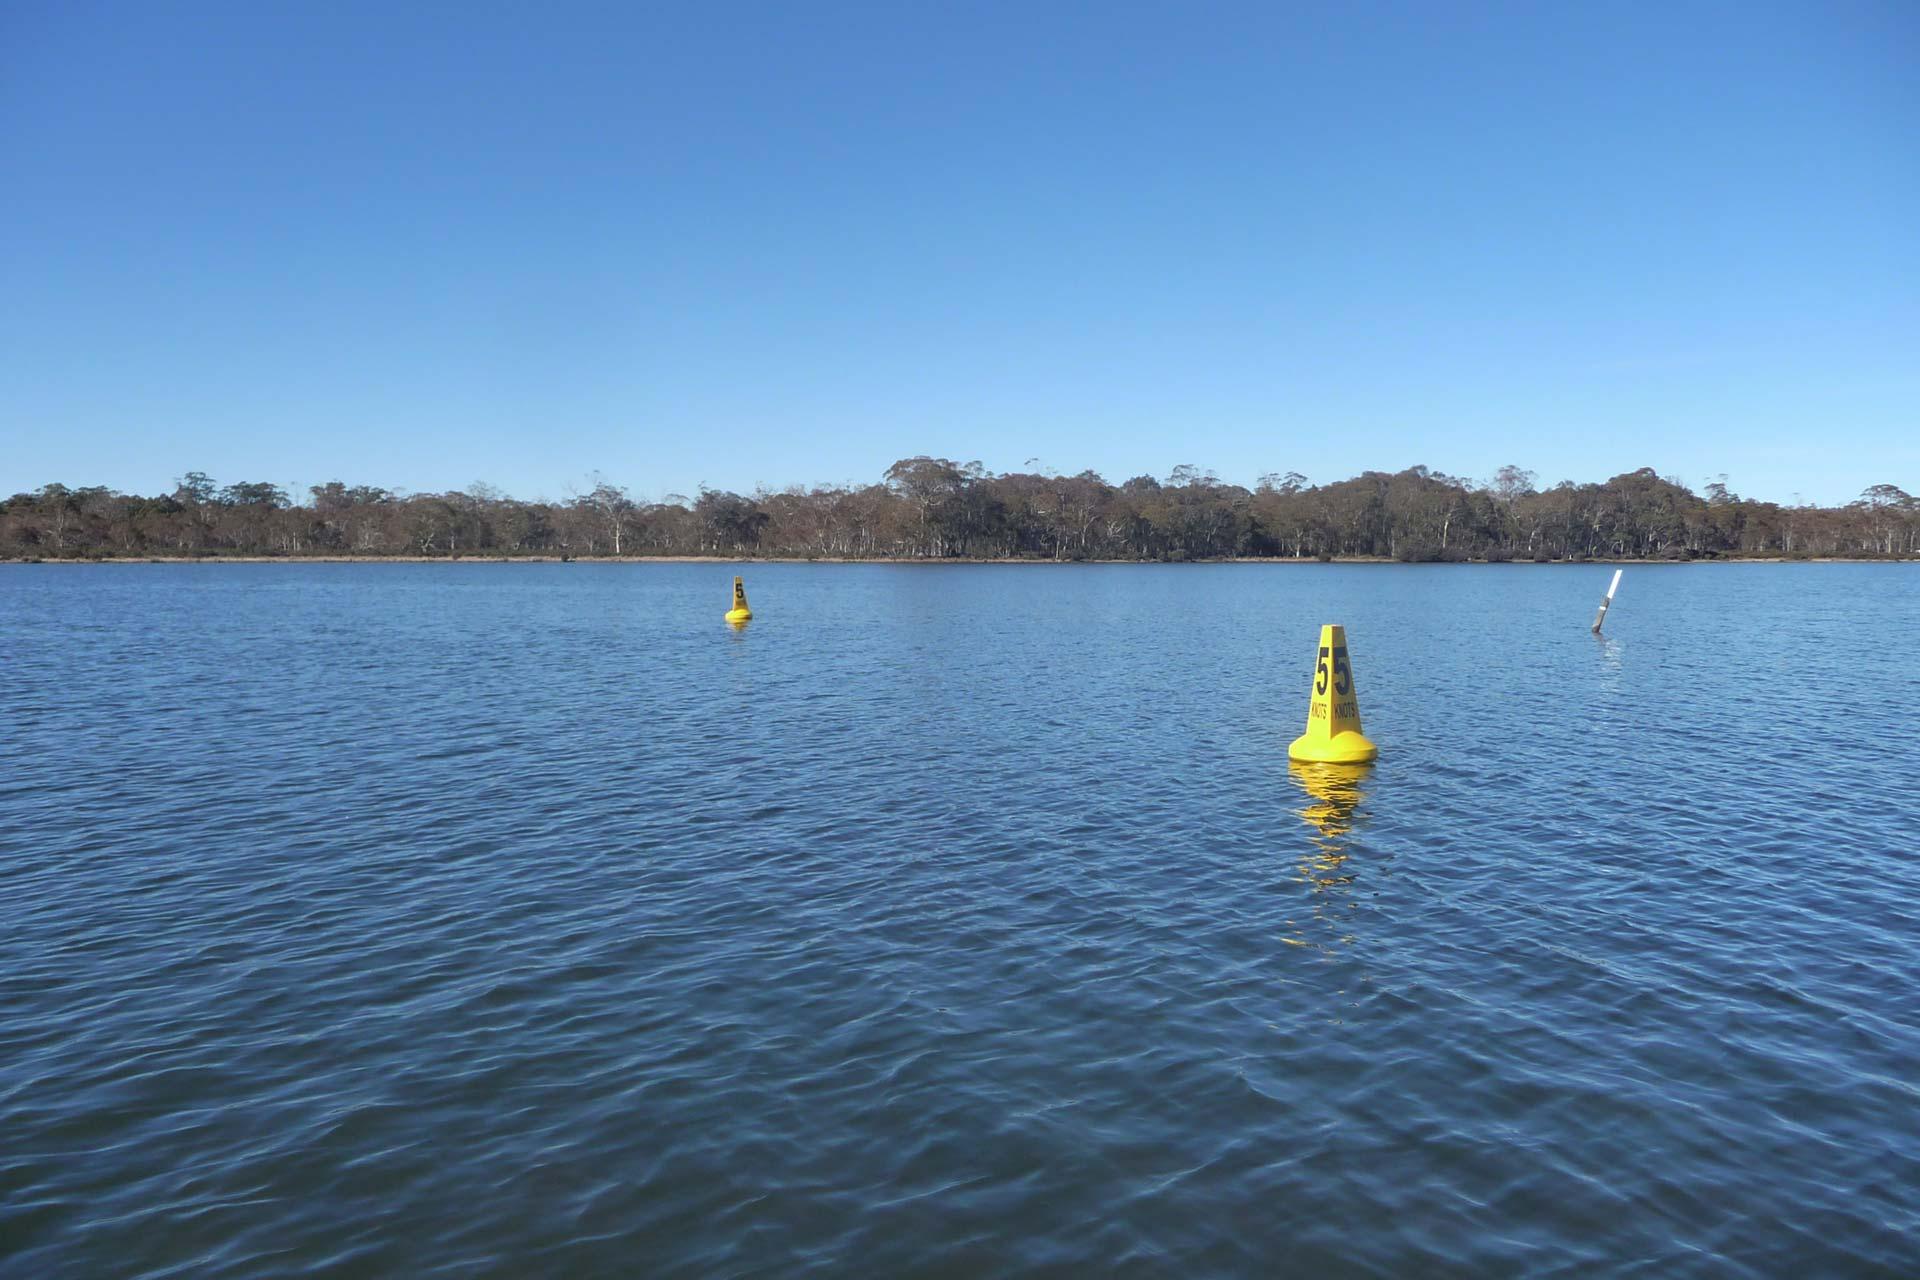 buoy-deployment-1.jpg